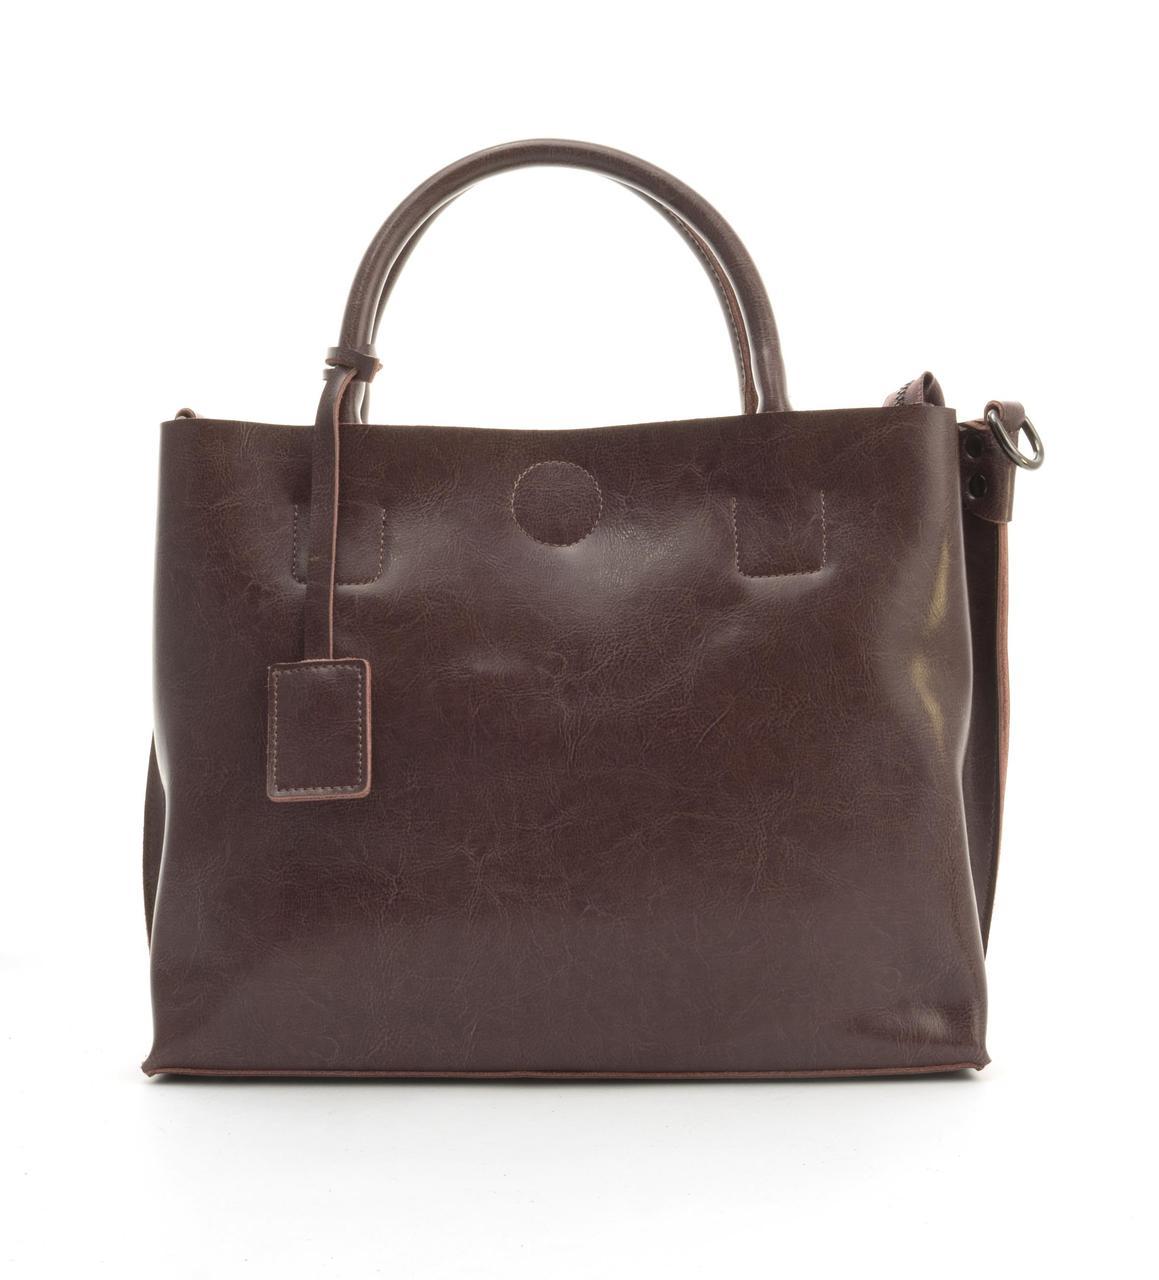 Суперстильная вместительная кожана прочная женская сумка CELINE art. 205-1 сиреневая